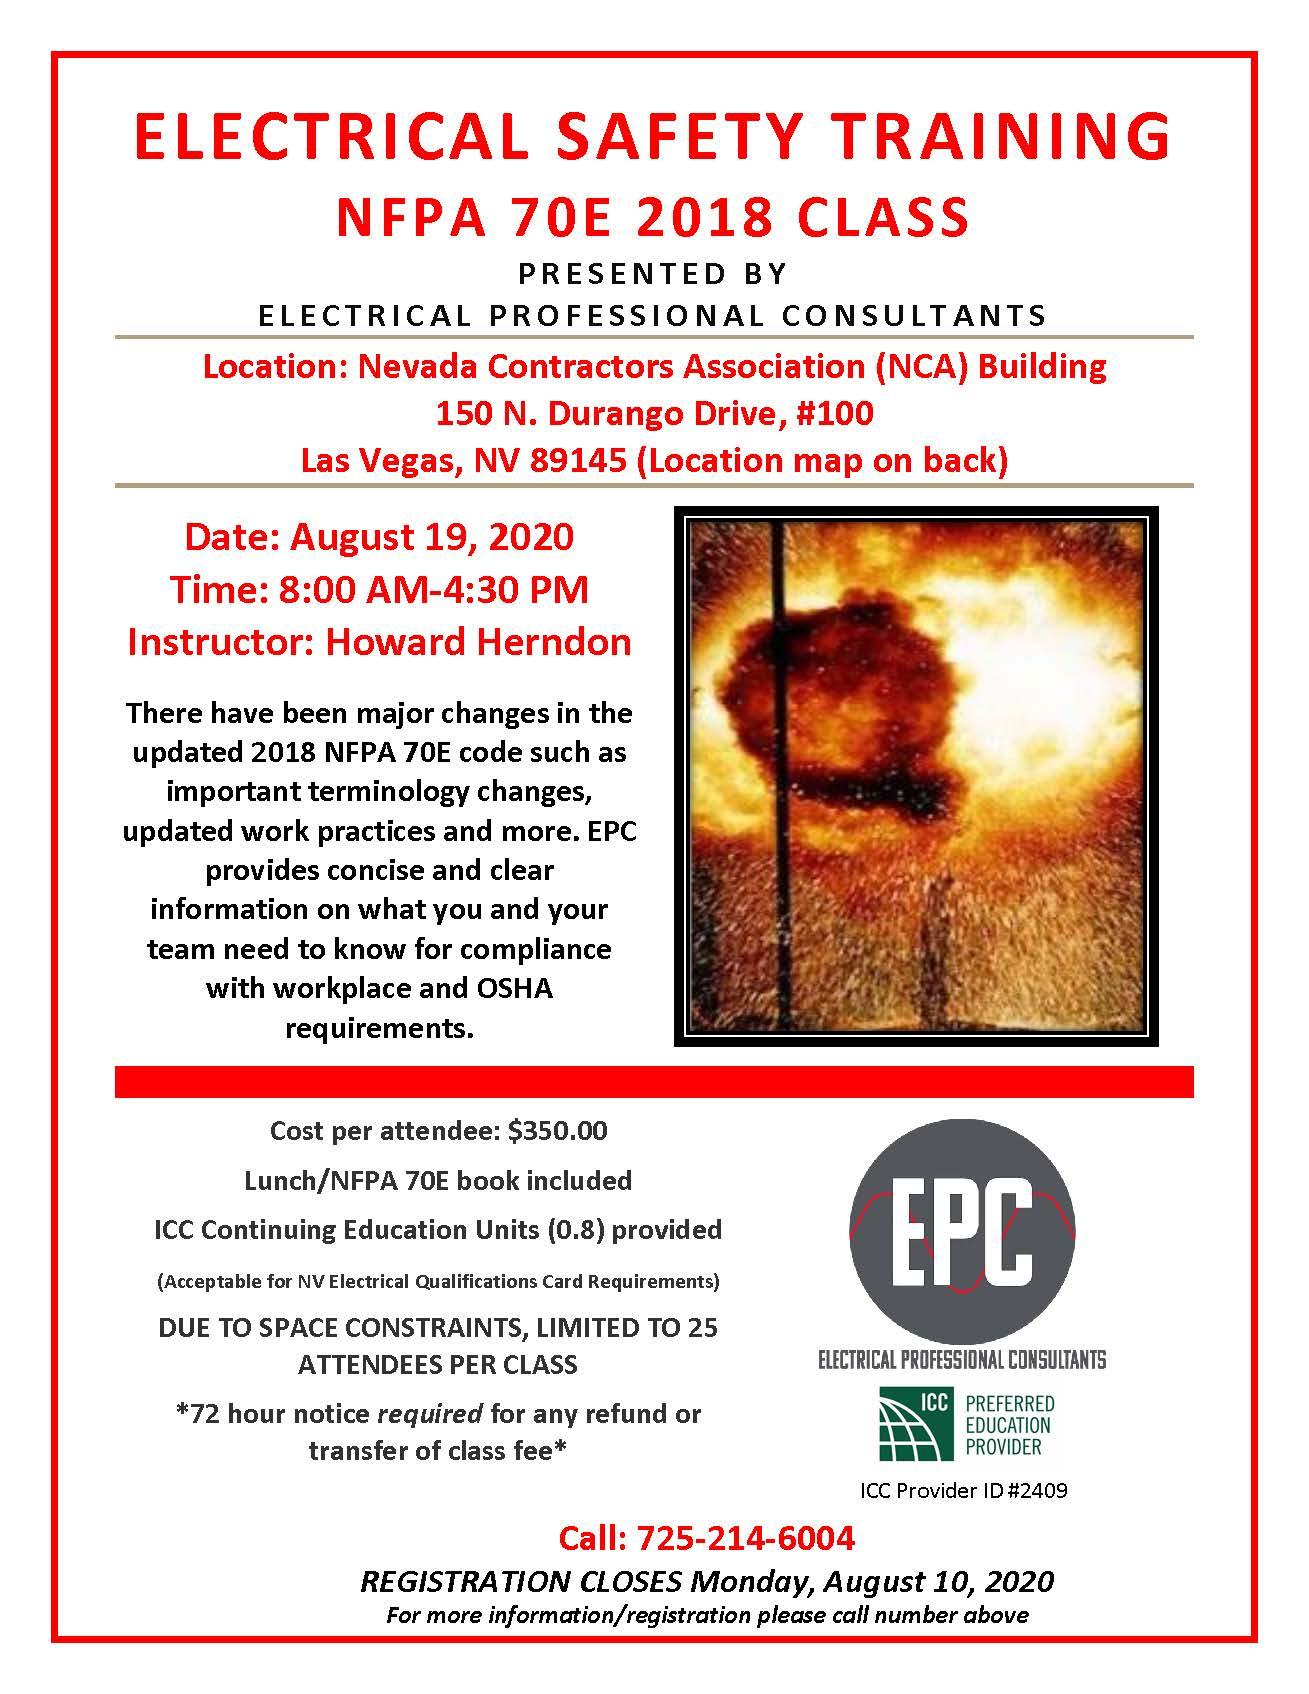 NFPA 70E 2018 Training 08-19-20